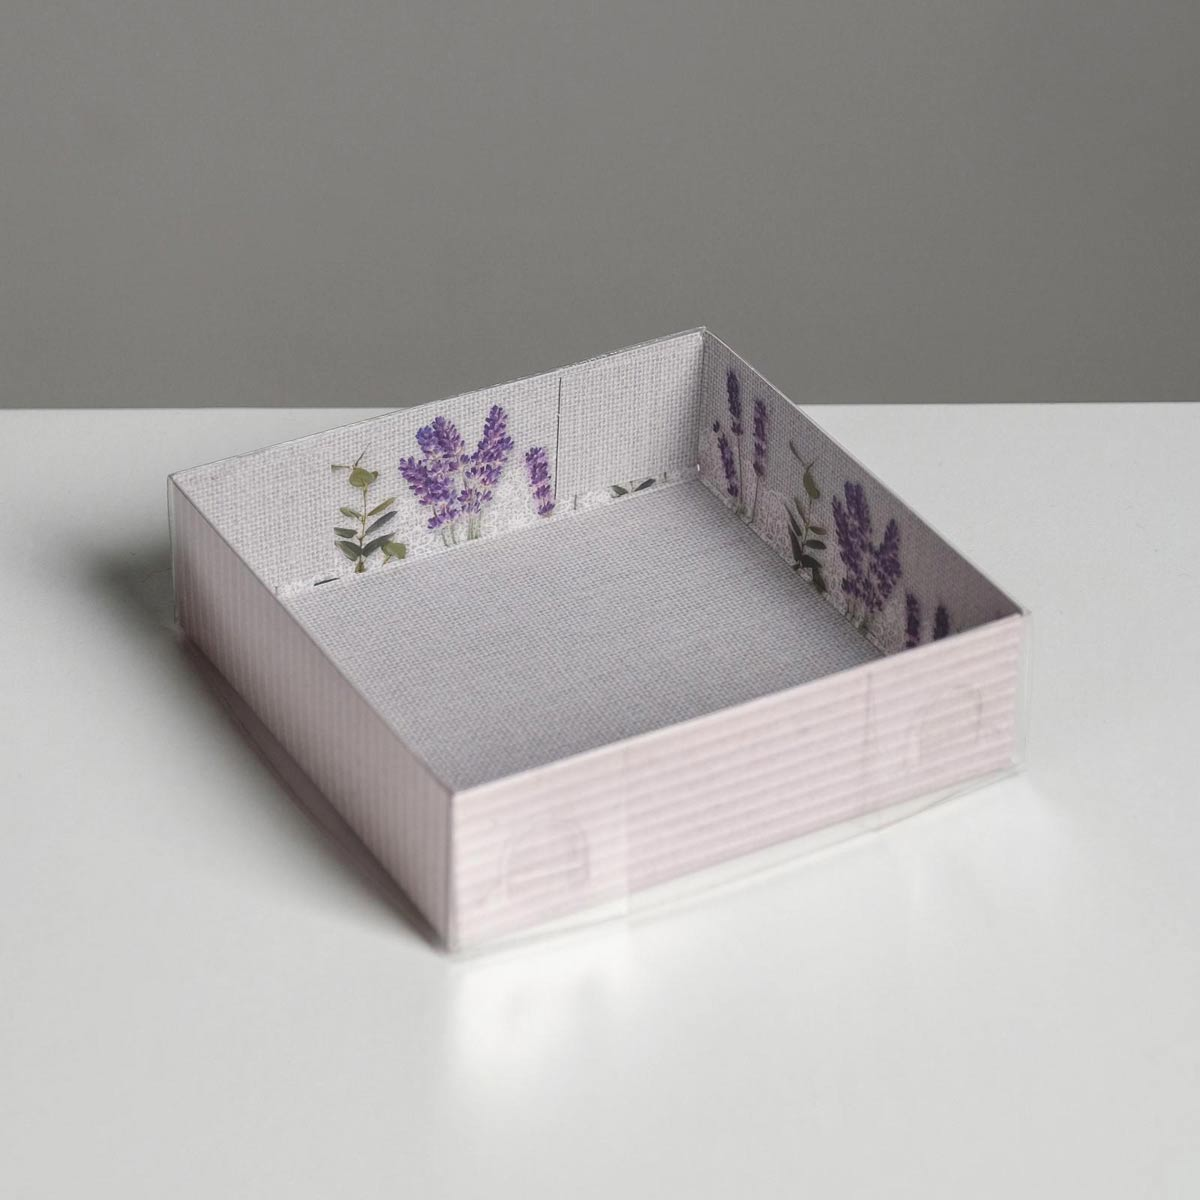 5139769 Коробка крышкой 'Лаванда', 12*12*3 см